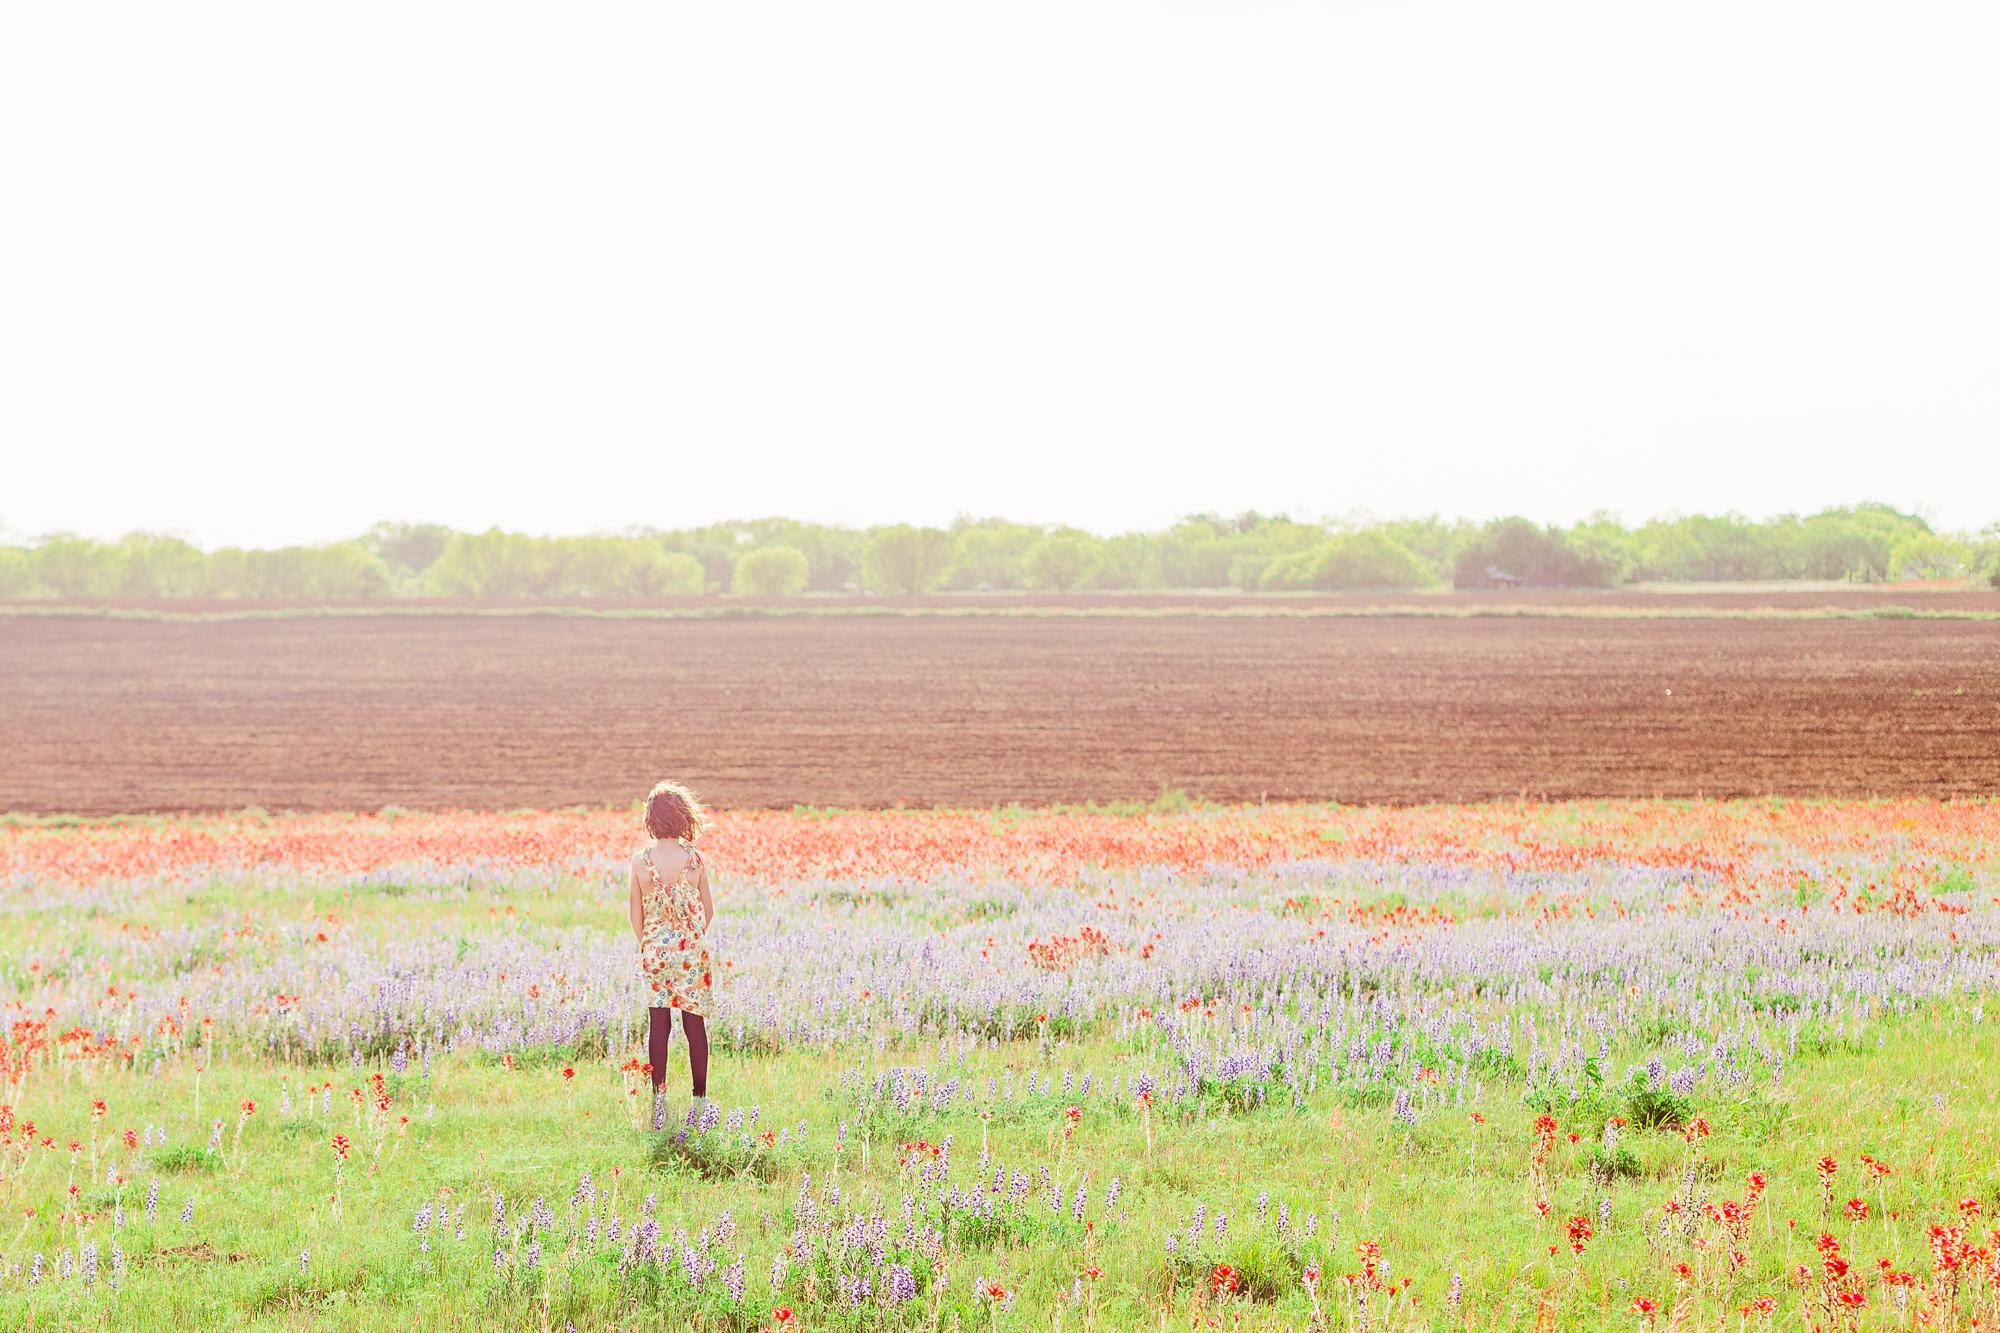 032919-CoughlinWildflowers-270.jpg